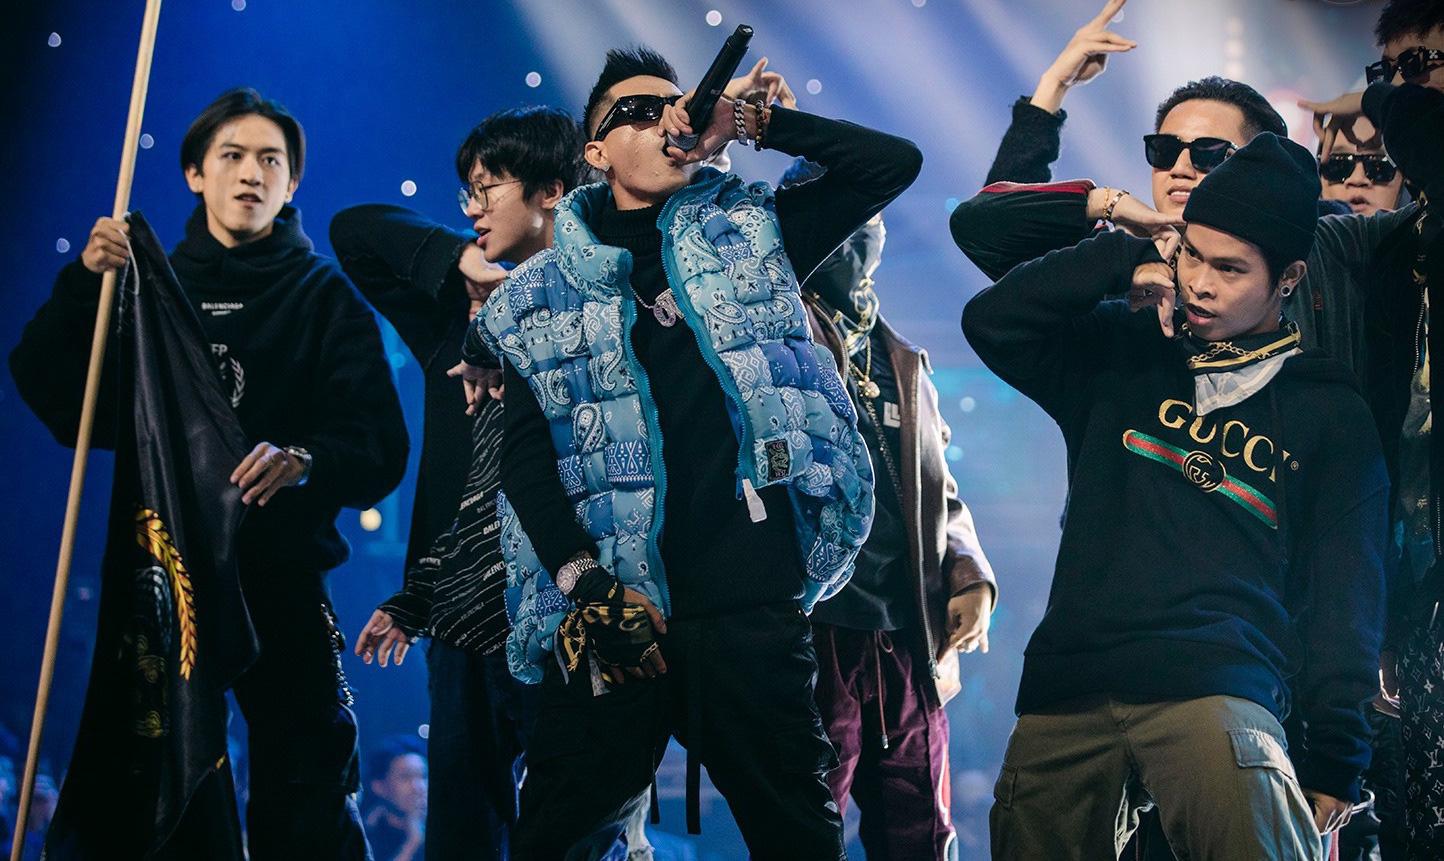 Nóng, tiết lộ giải thưởng lớn chưa từng được công bố ở Rap Việt - Ảnh 9.